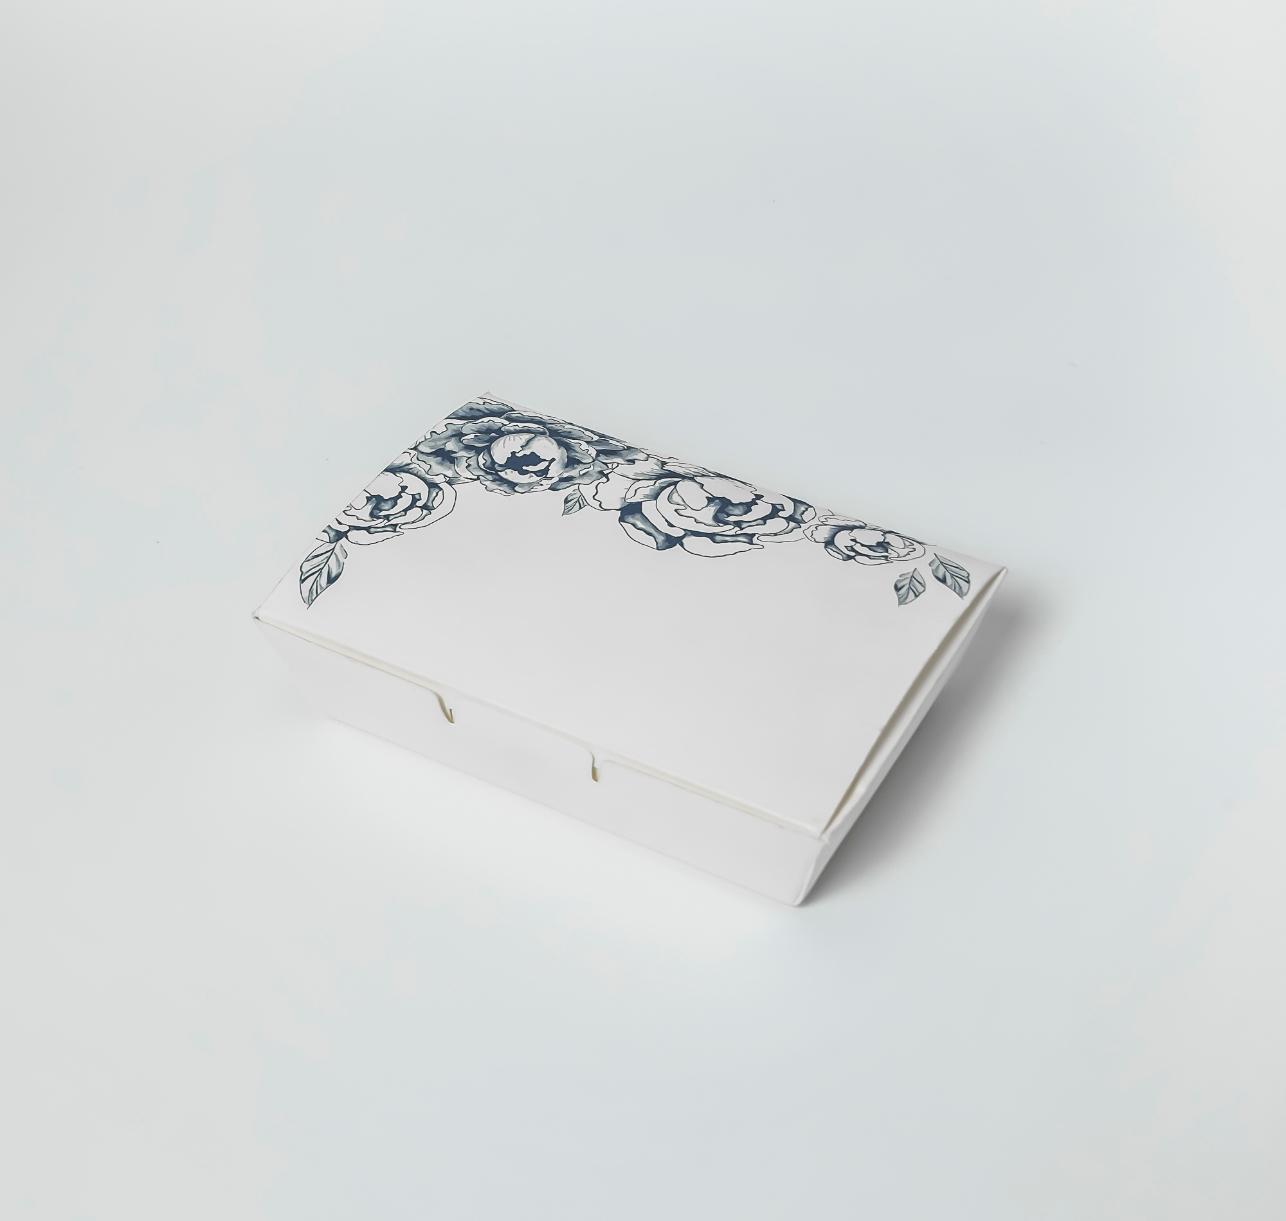 กล่องกระดาษ เบเกอรี่ 600ml